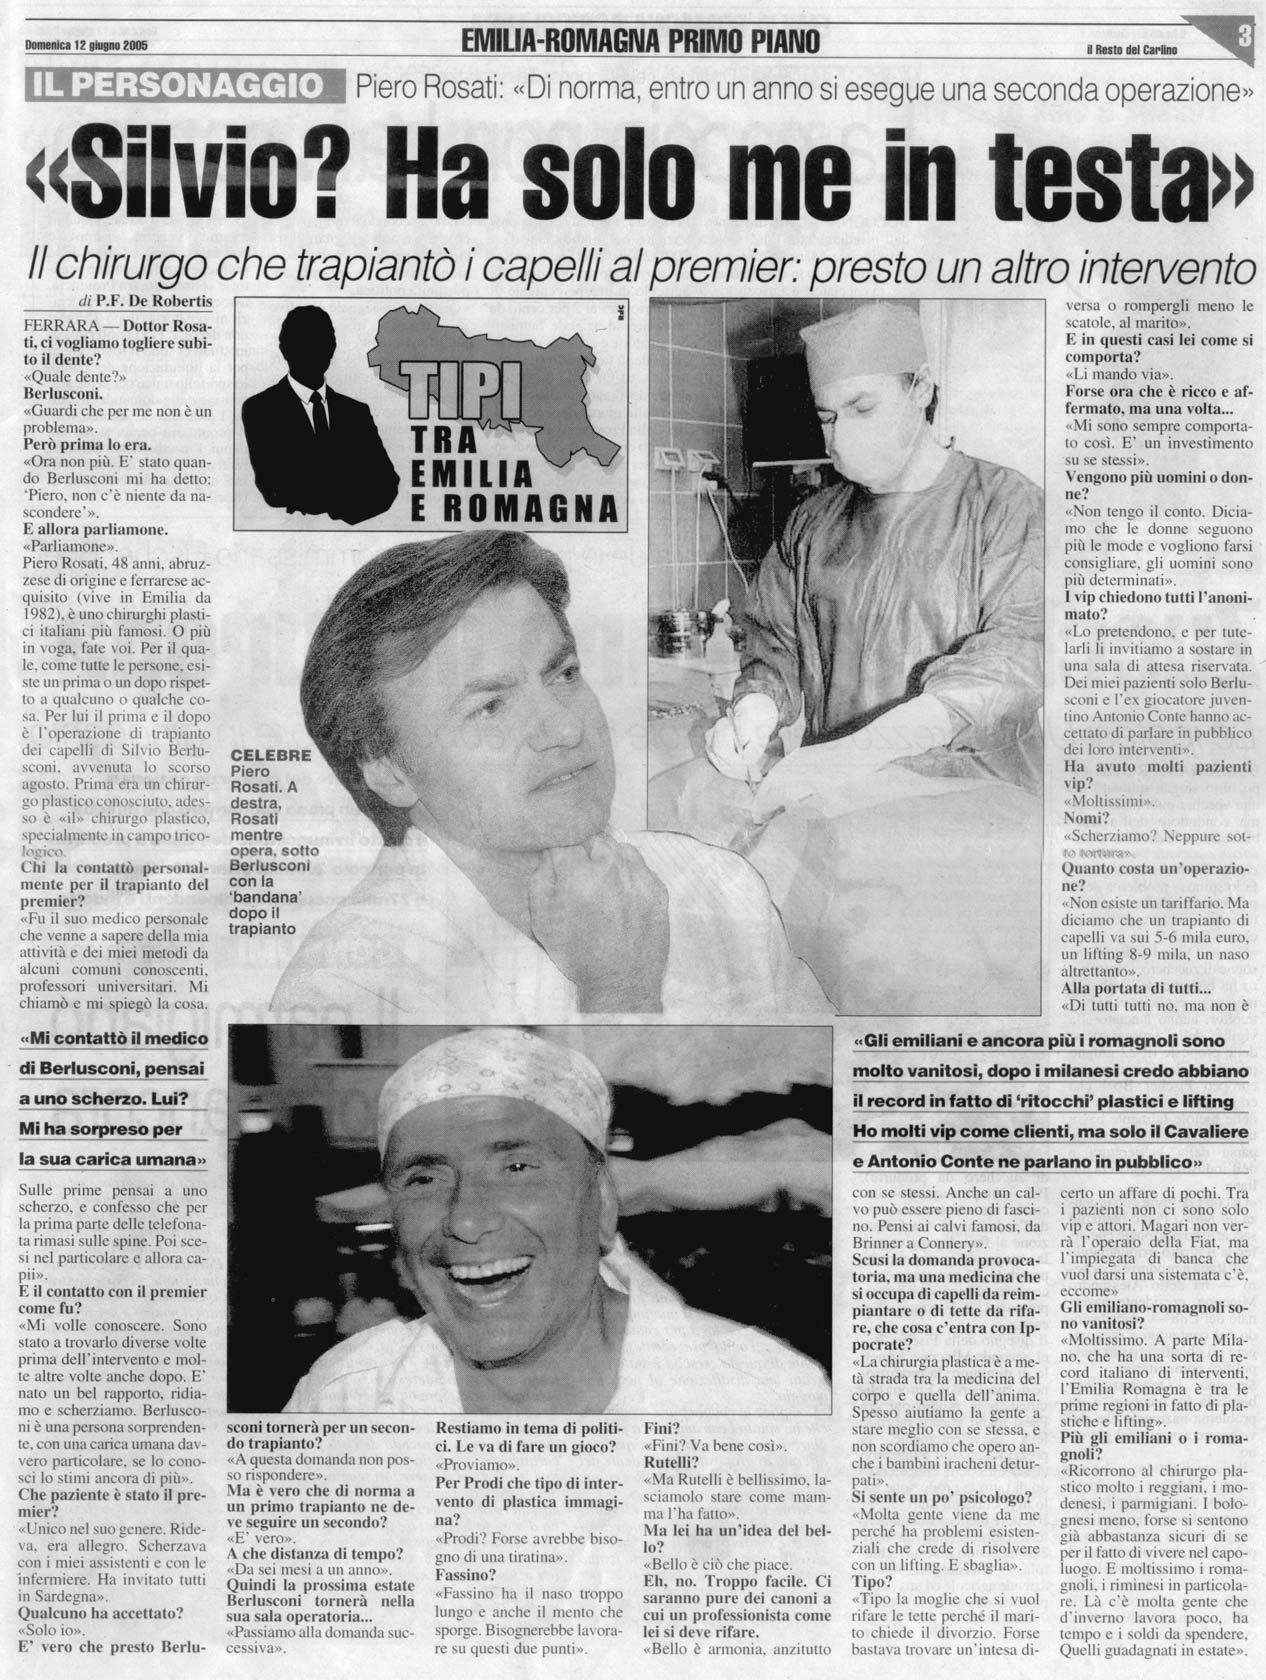 """Silvio Berlusconi """"ha solo me in testa"""" - Articolo completo su Piero Rosati"""